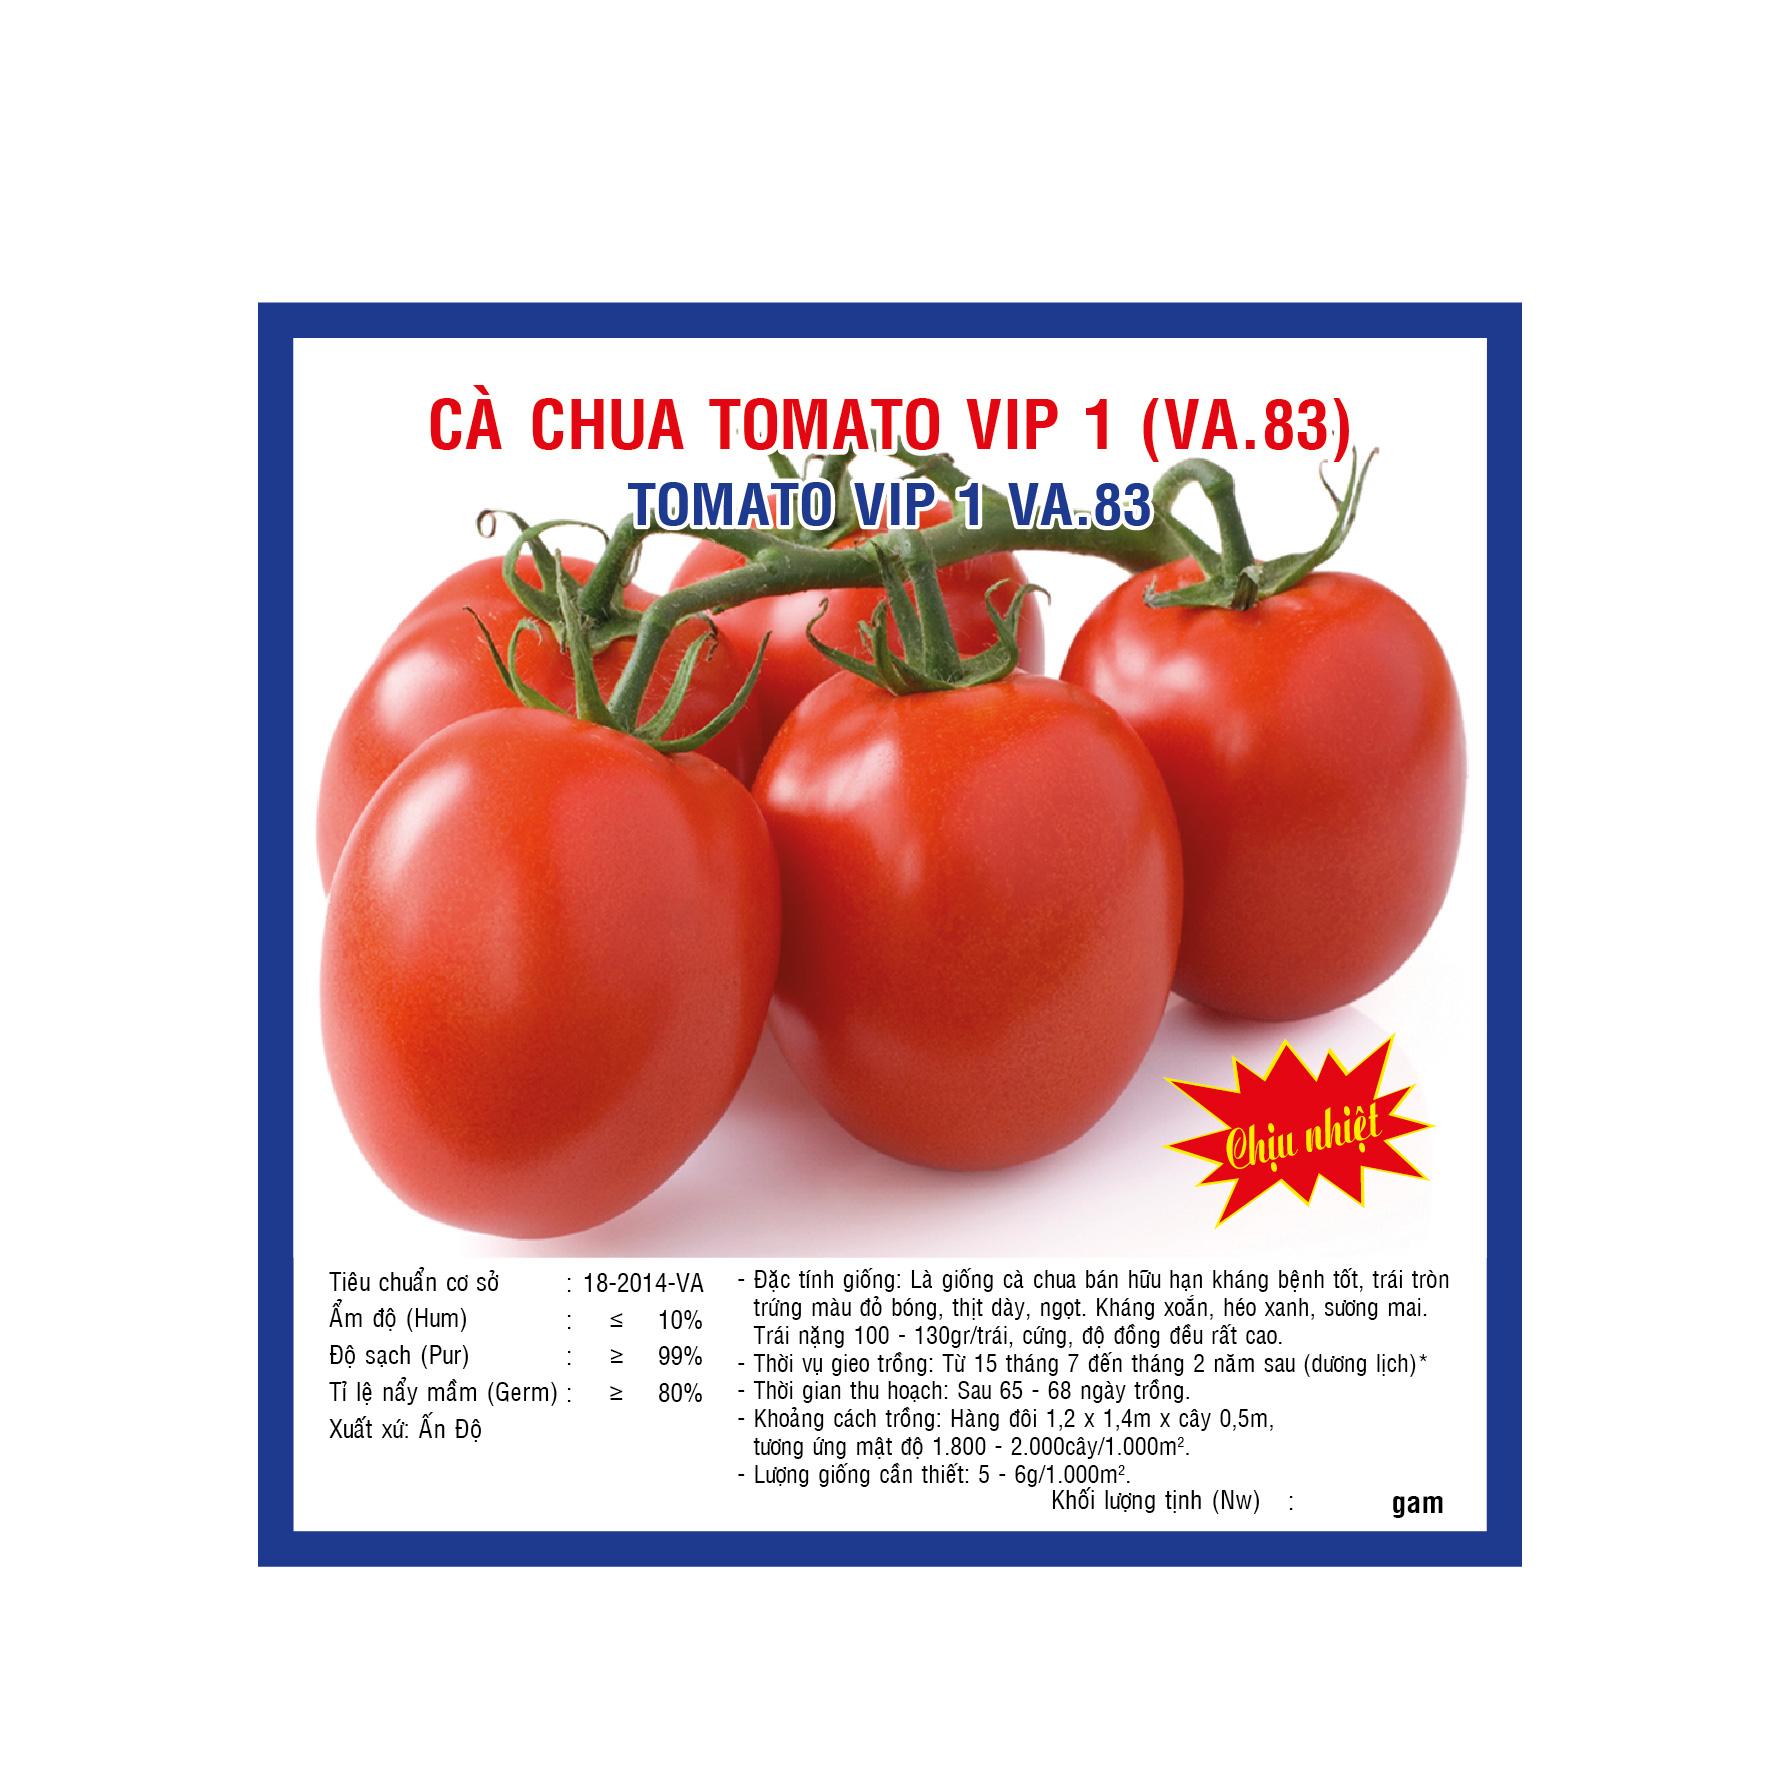 CÀ CHUA TOMATO VIP1 (VA83) 0.5GAM